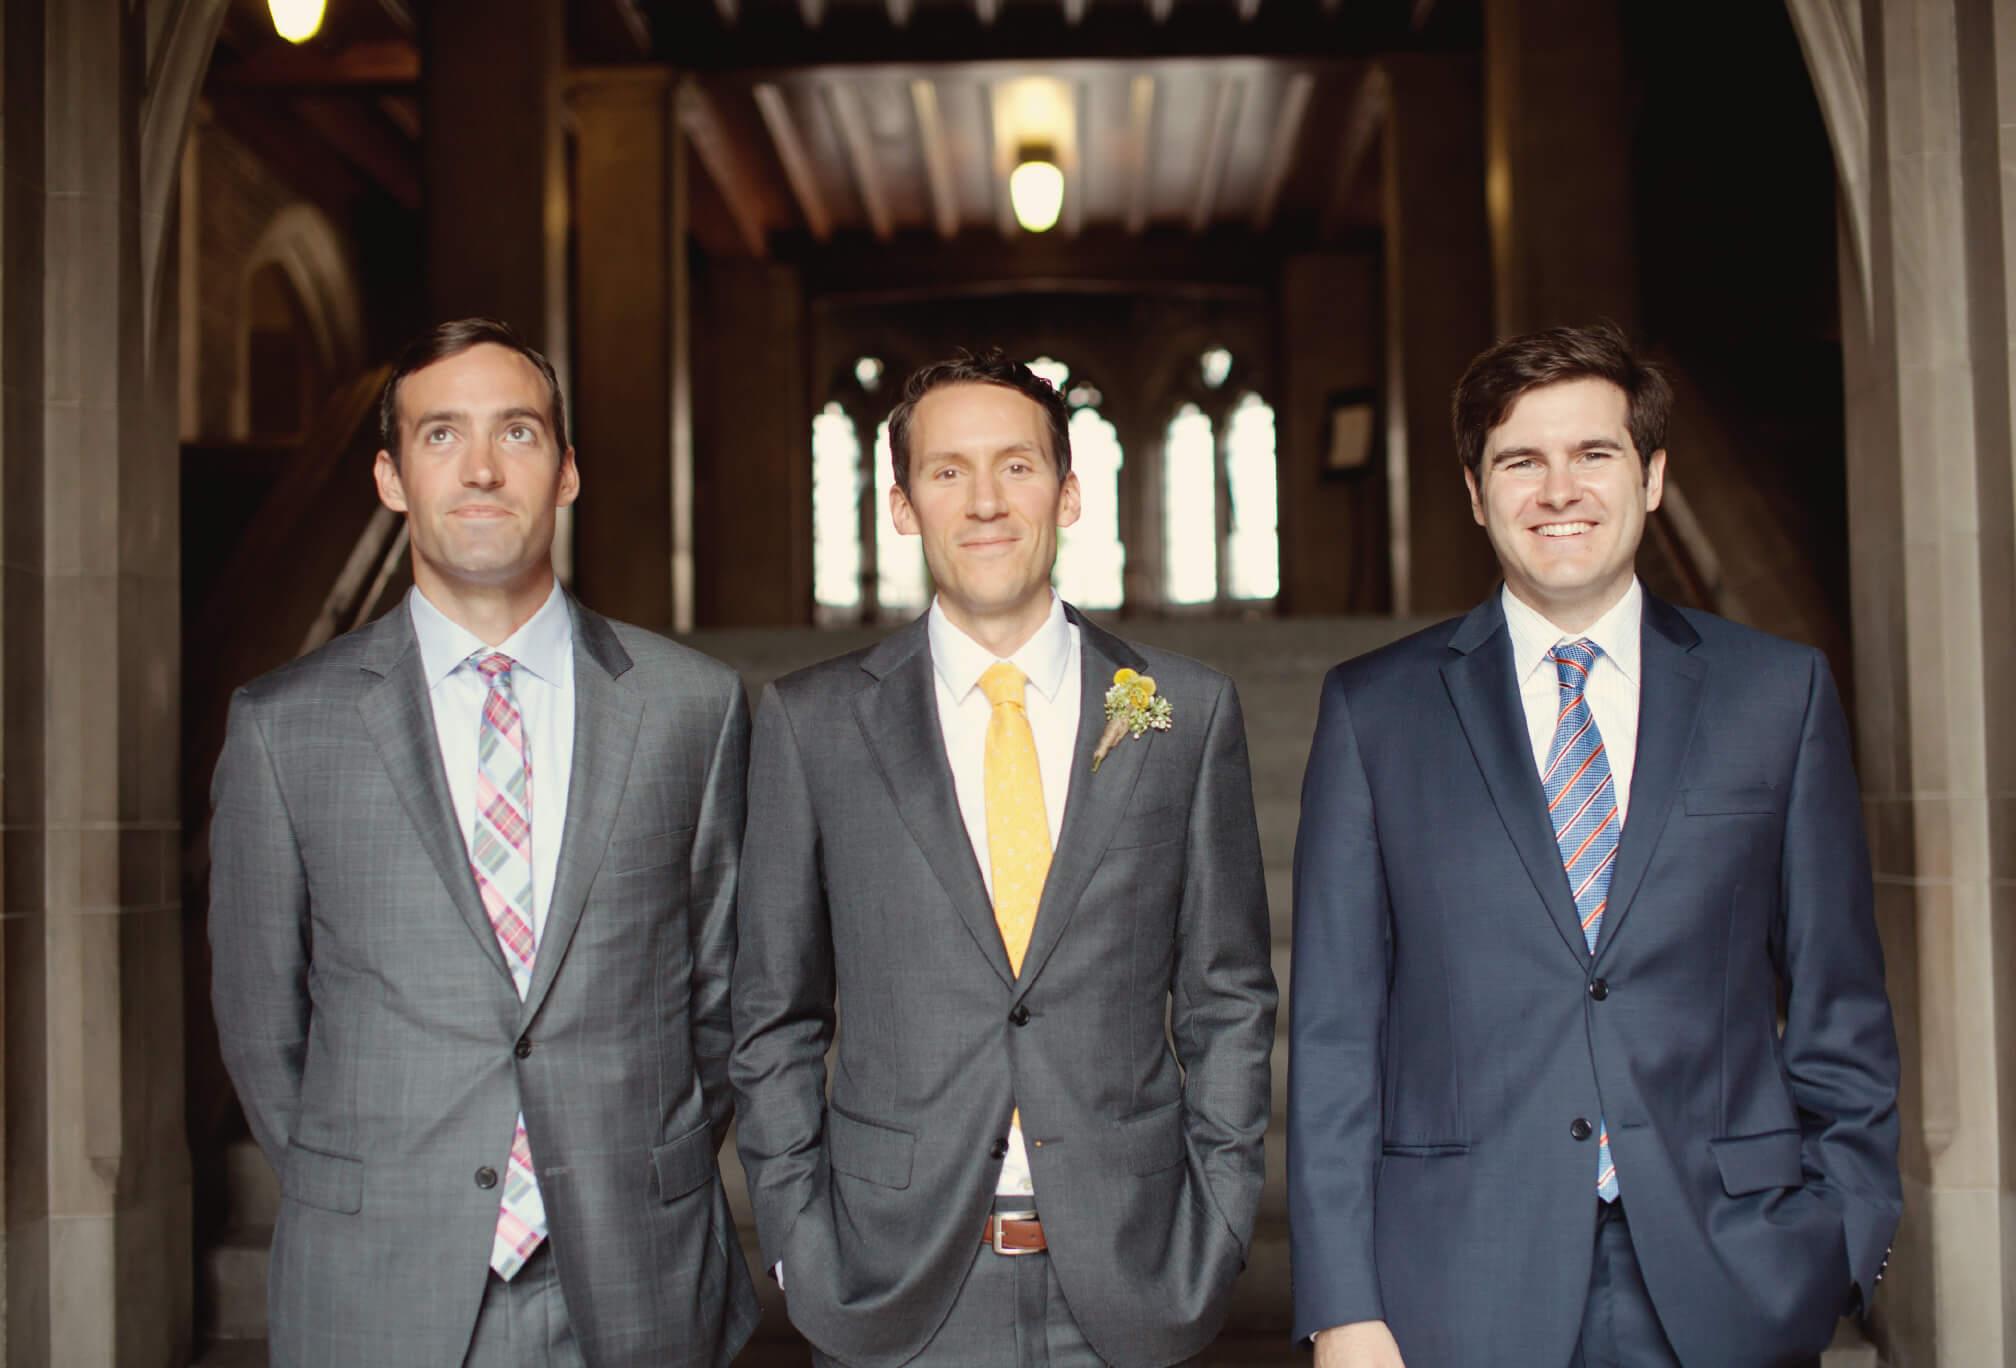 groom and groomsmen at u of t